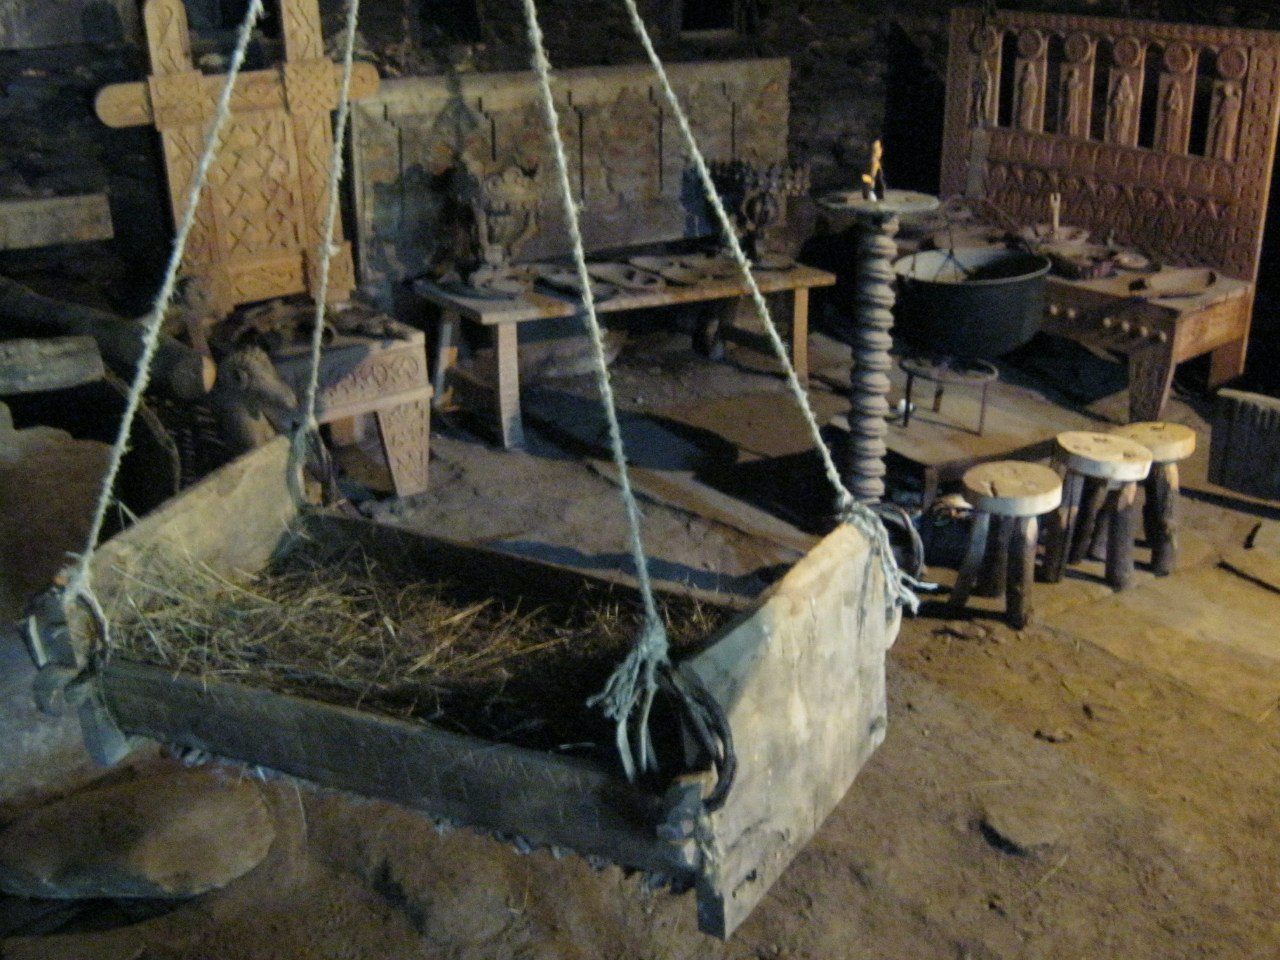 Традиционное устройство сванских домов. Два этажа арок с резьбой по дереву. Это в частном музее в доме 14 века в селе Ушгули.